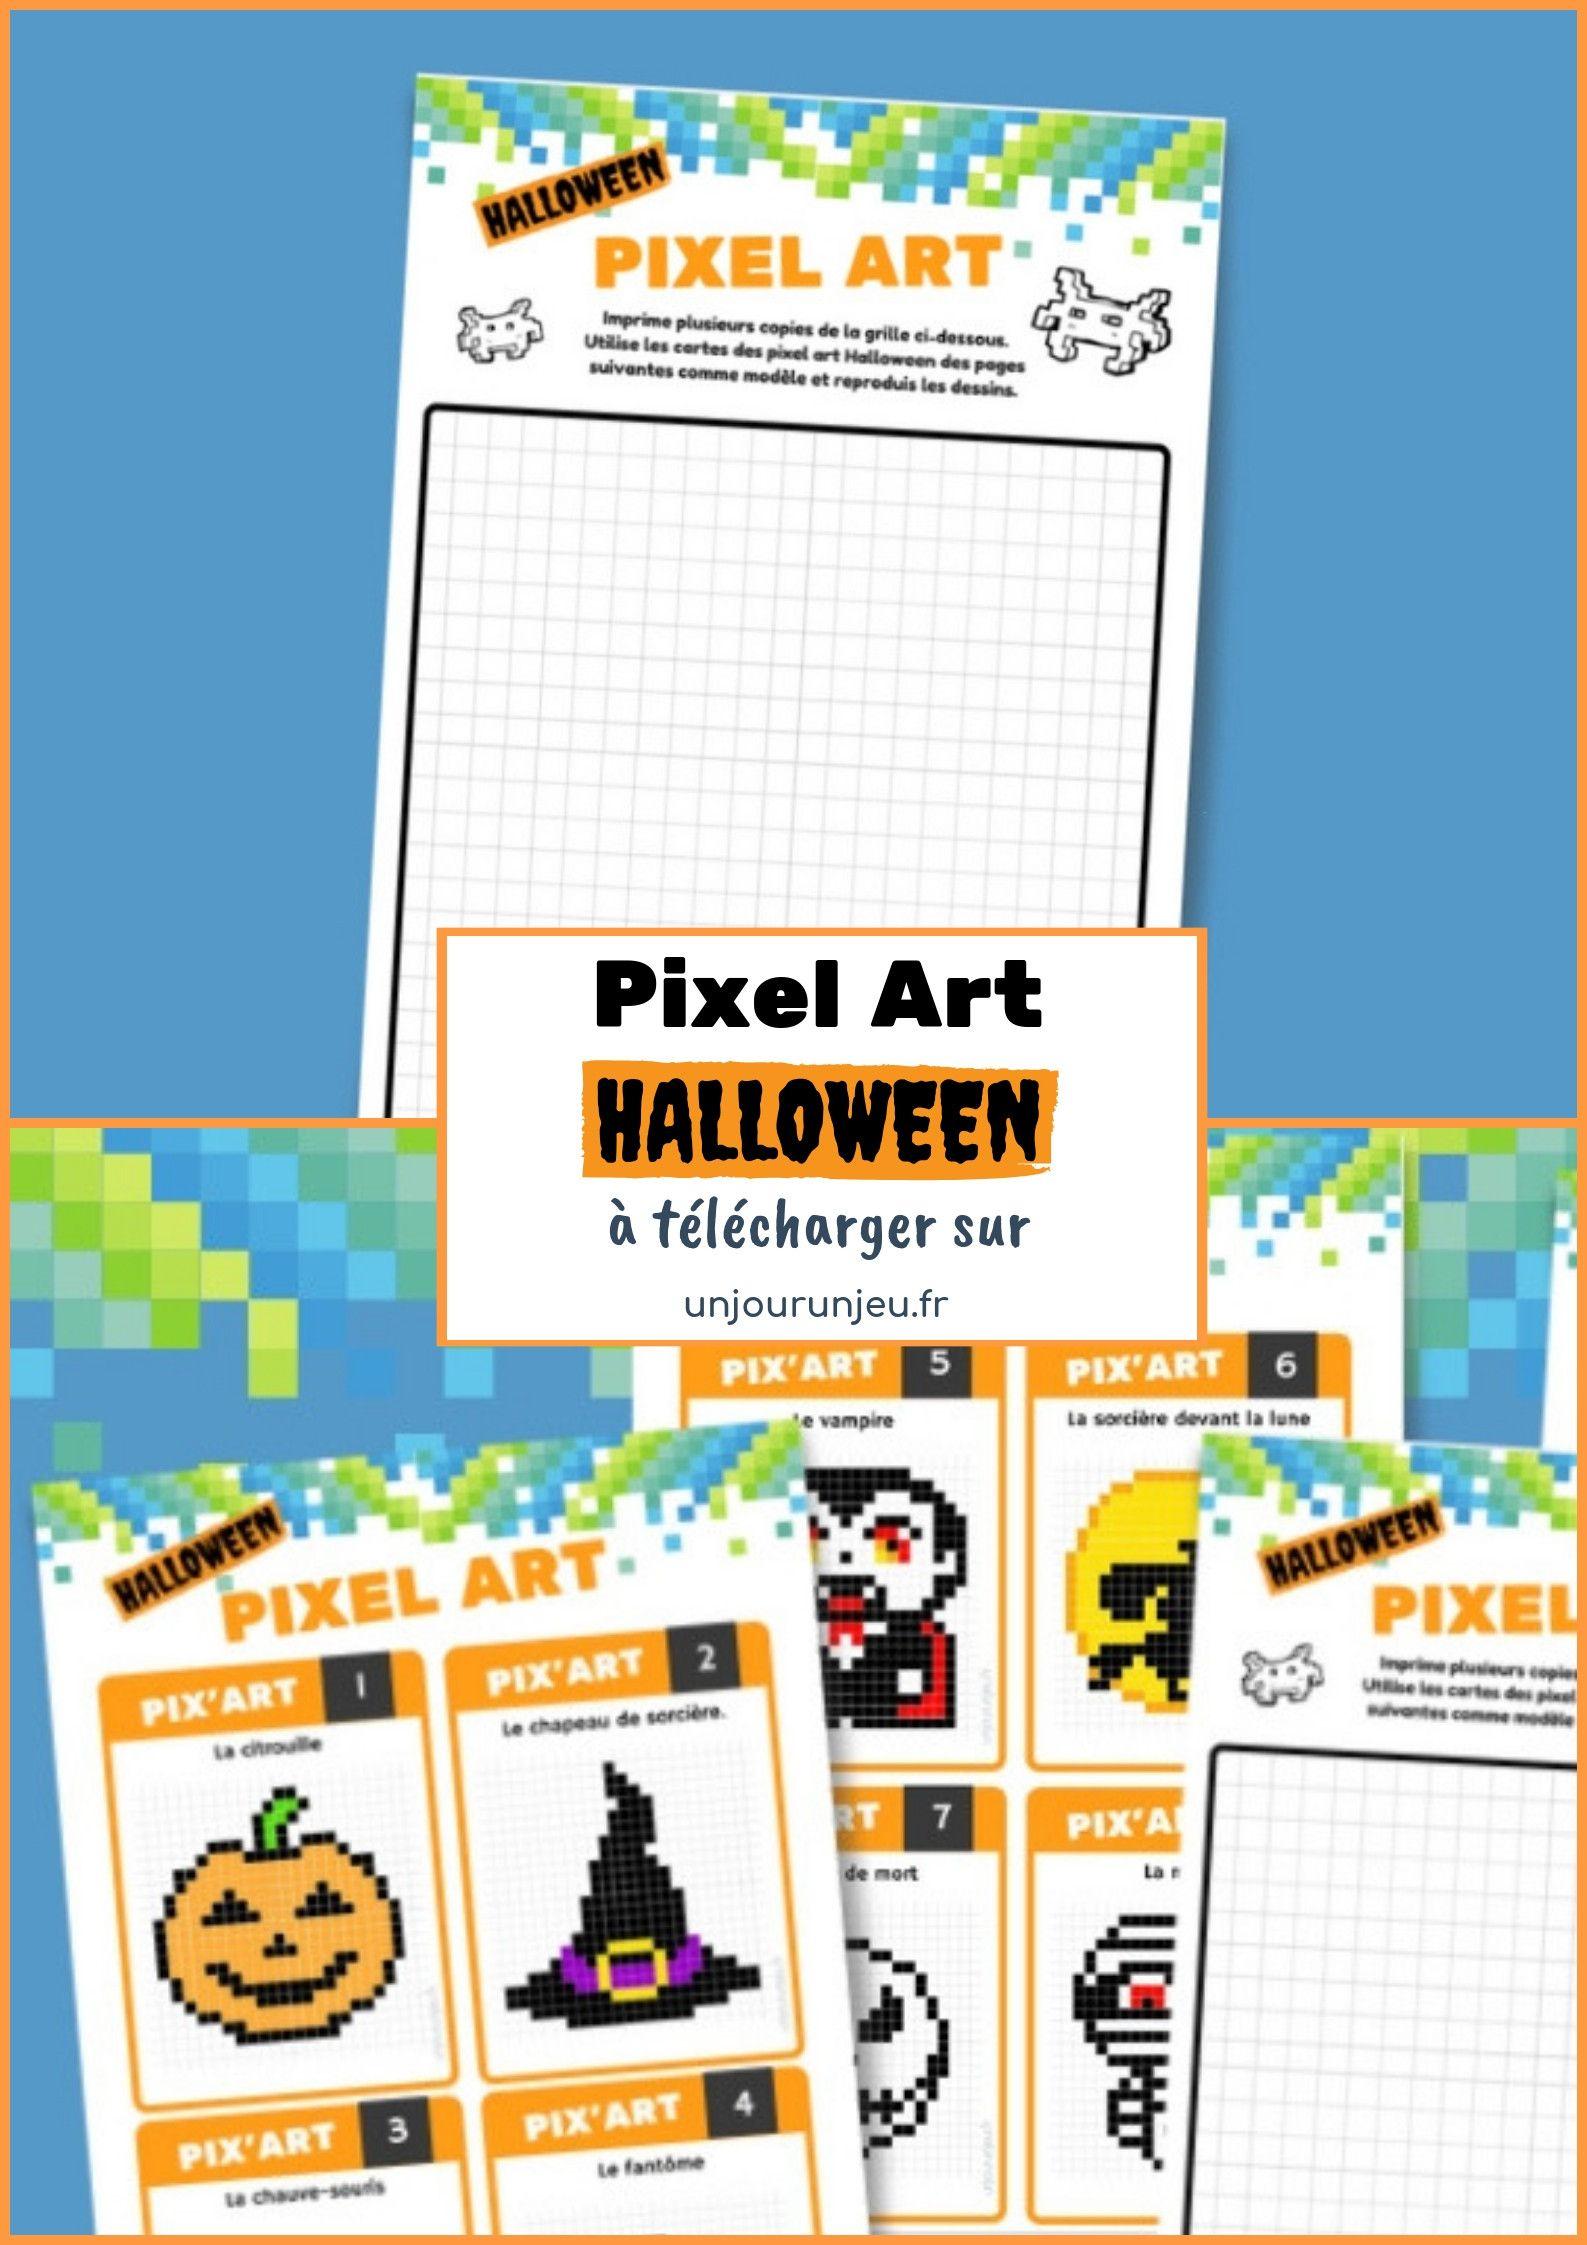 10 Fiches De Pixel Art D'halloween À Télécharger concernant Jeux D Halloween Gratuit